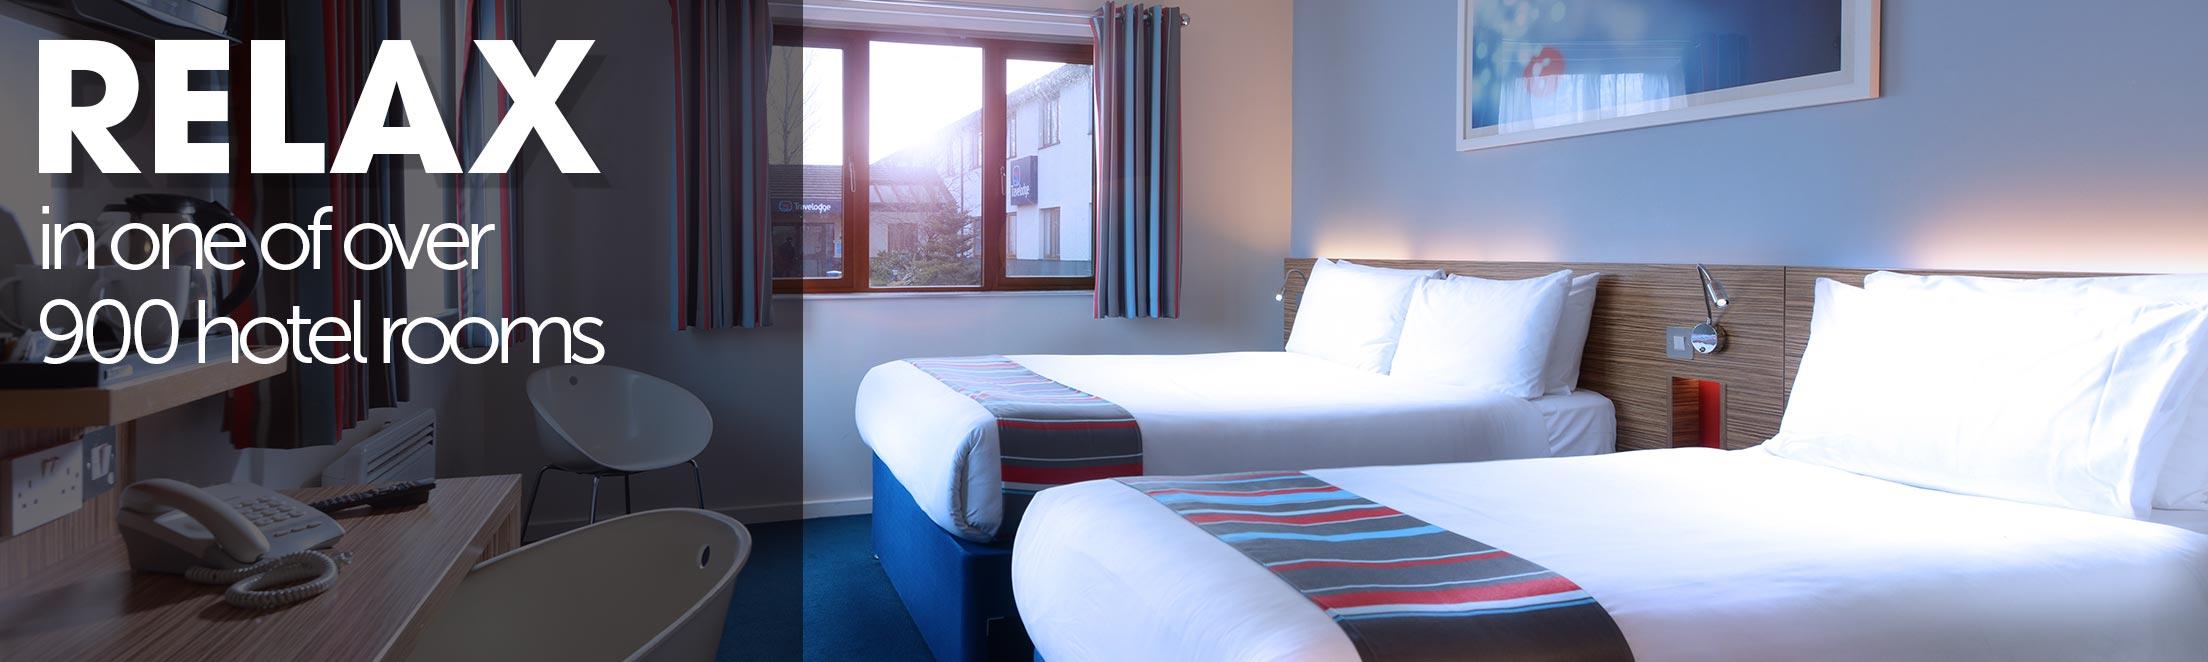 900 rooms v2.jpg